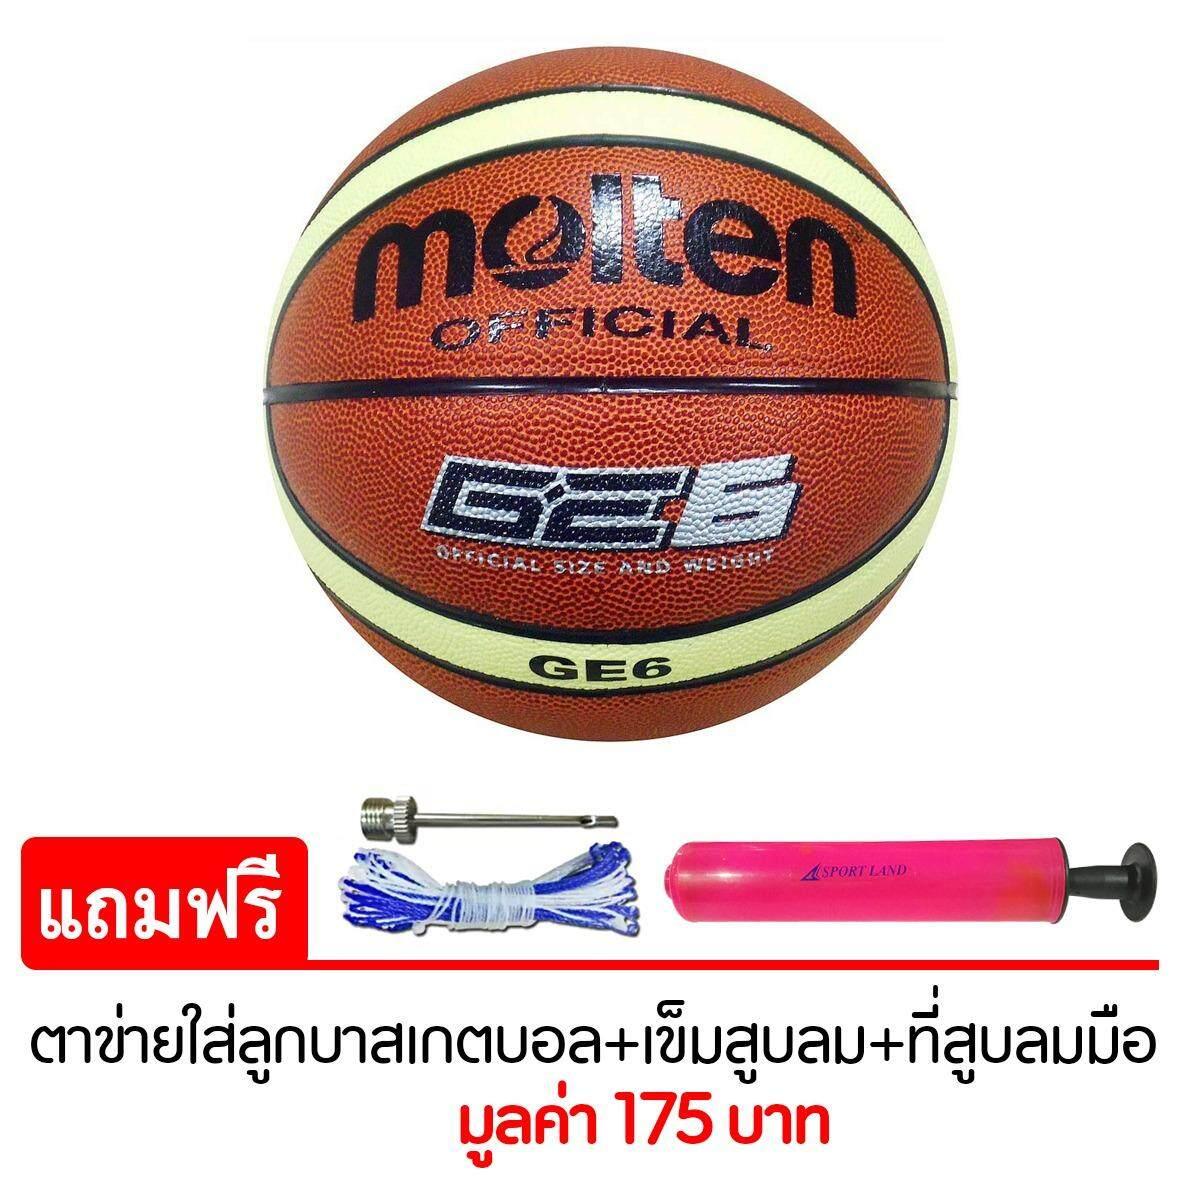 ซื้อ Molten Basketball Pvc Mot รุ่น Bge6 สีส้ม แถมฟรี ตาข่ายใส่ลูกบาสเกตบอล เข็มสูบสูบลม สูบมือ Spl รุ่น Sl6 สีชมพู ใหม่ล่าสุด